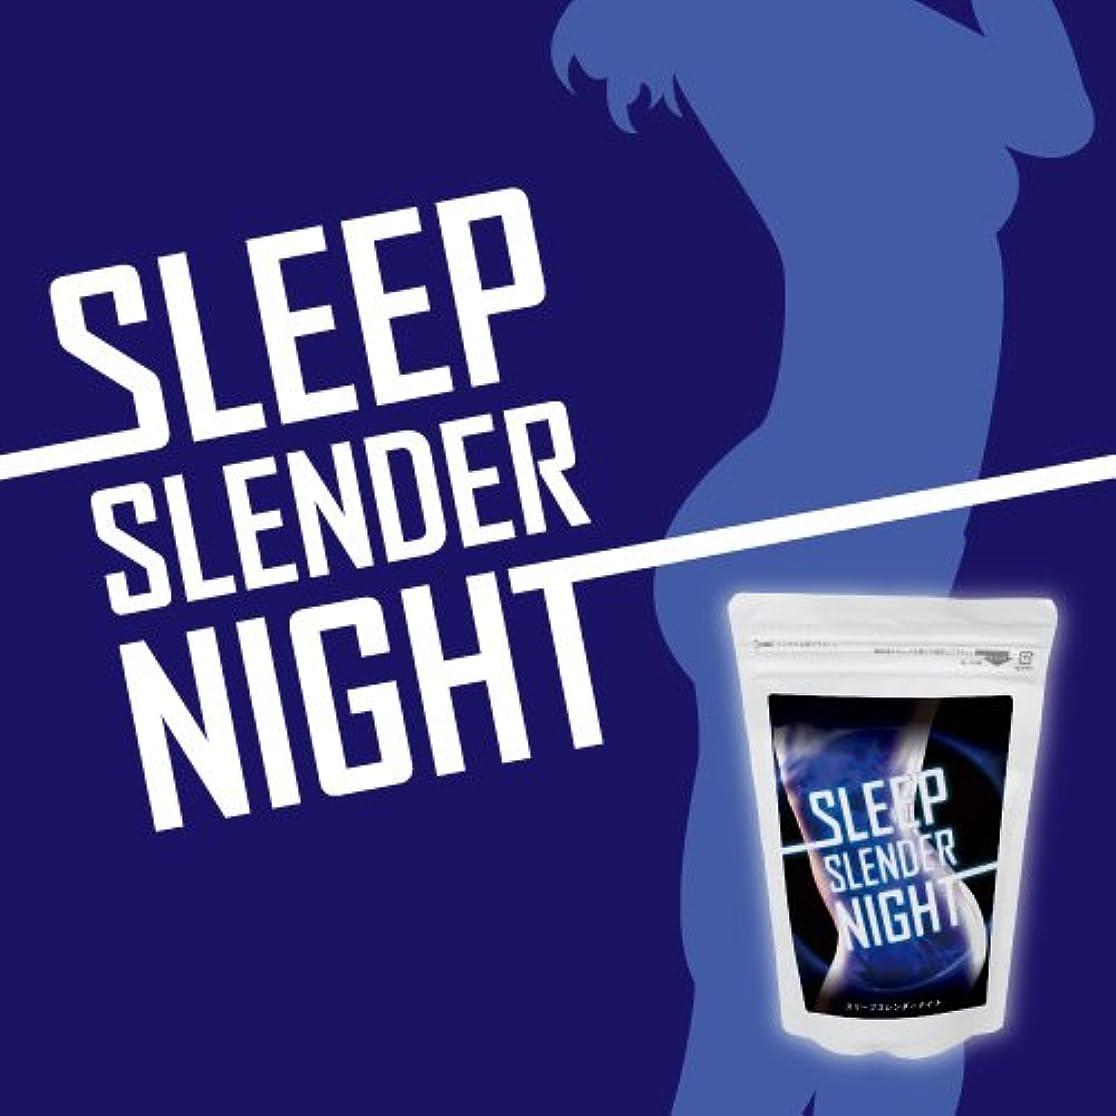 連結する電気気まぐれなSleep Slender Night(スリープスレンダーナイト) ダイエット ダイエットサプリ 送料無料